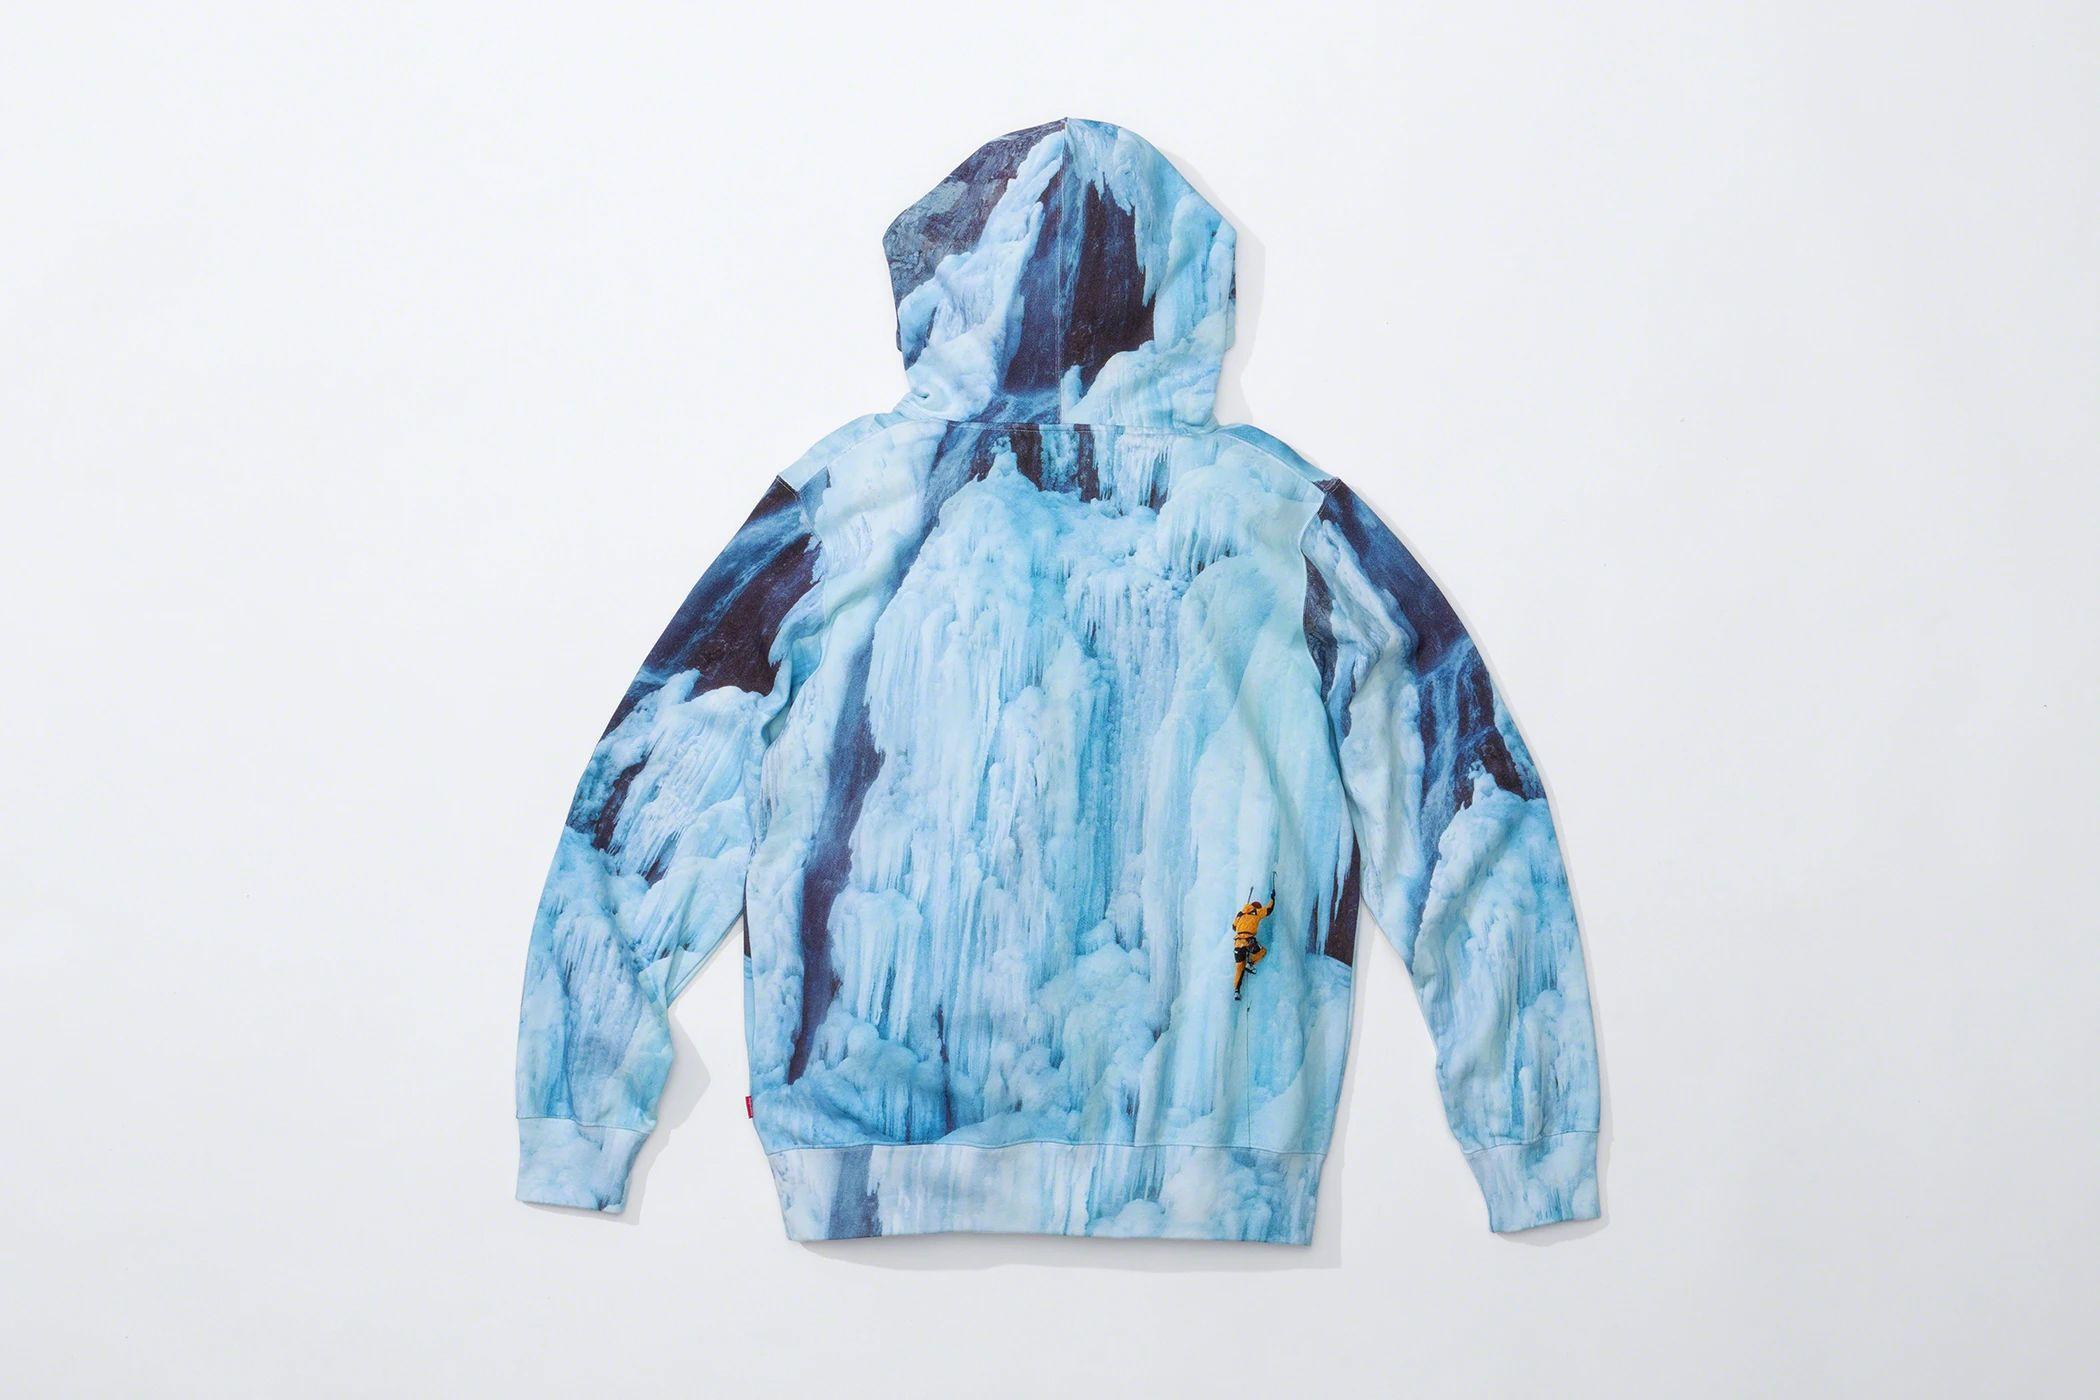 Supreme,The North Face,TNF,发售  雪山又来了!新一季 Supreme x TNF 官宣!你觉得好看吗?